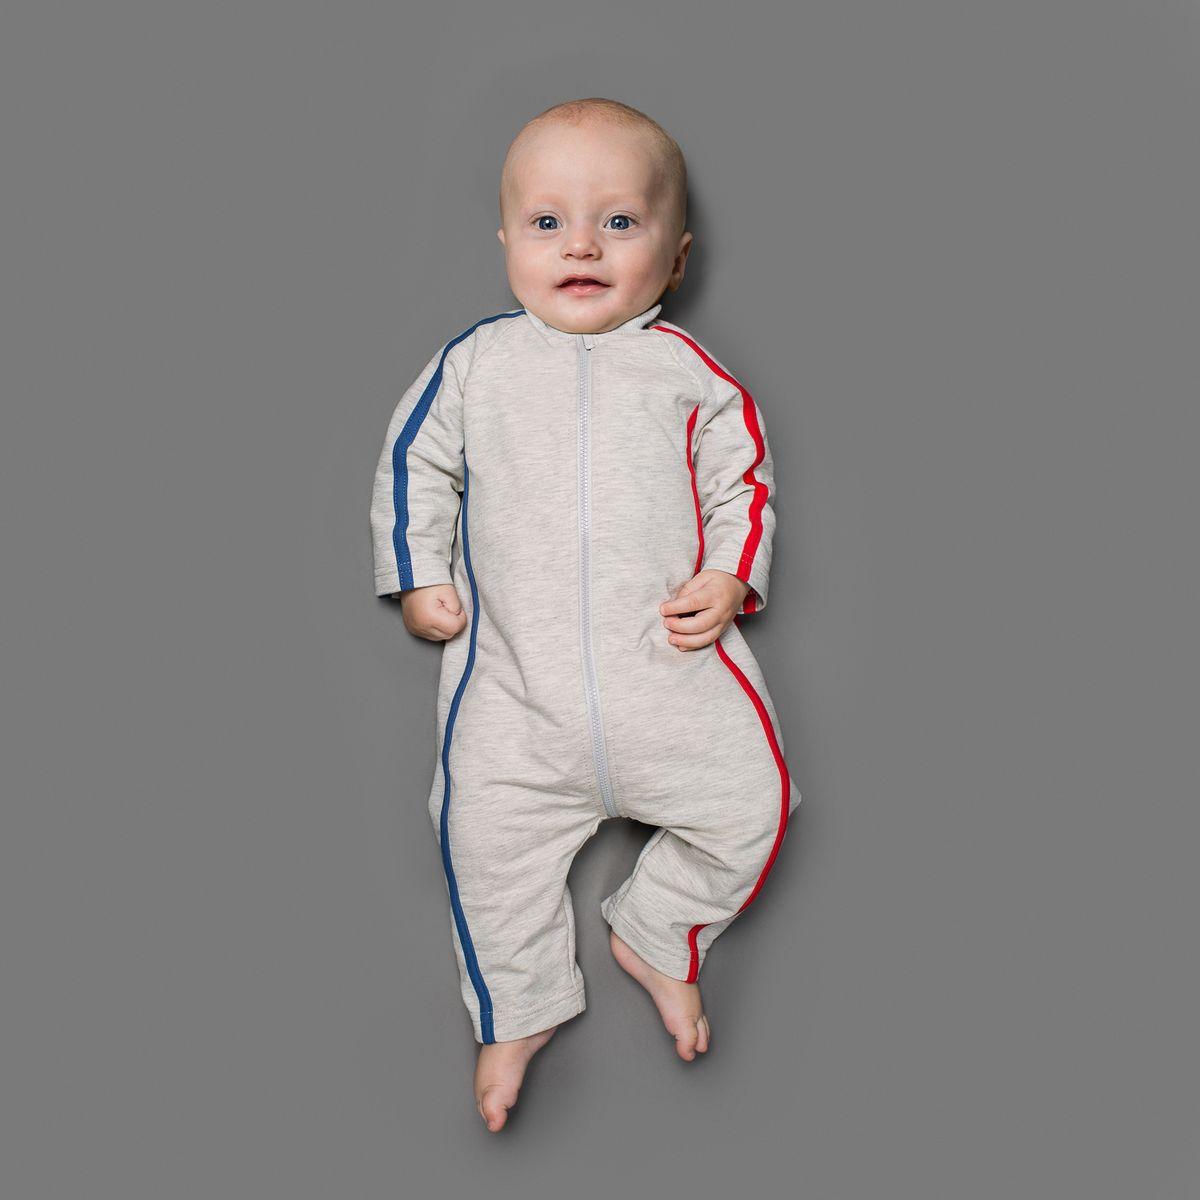 Комбинезон для мальчика Ёмаё, цвет: светло-серый меланж, синий, красный. 22-522. Размер 6822-522Комбинезон Ёмаё, изготовленный из футера - очень удобный и практичный вид одежды для малышей.Комбинезон с открытыми ножками застегивается спереди на длинную пластиковую застежку-молнию, что помогает с легкостью переодеть ребенка. Сзади модель дополнена двумя накладными кармашками. Оформлено изделие контрастными бейками. Комбинезон полностью соответствует особенностям жизни младенца в ранний период, не стесняя и не ограничивая его в движениях!